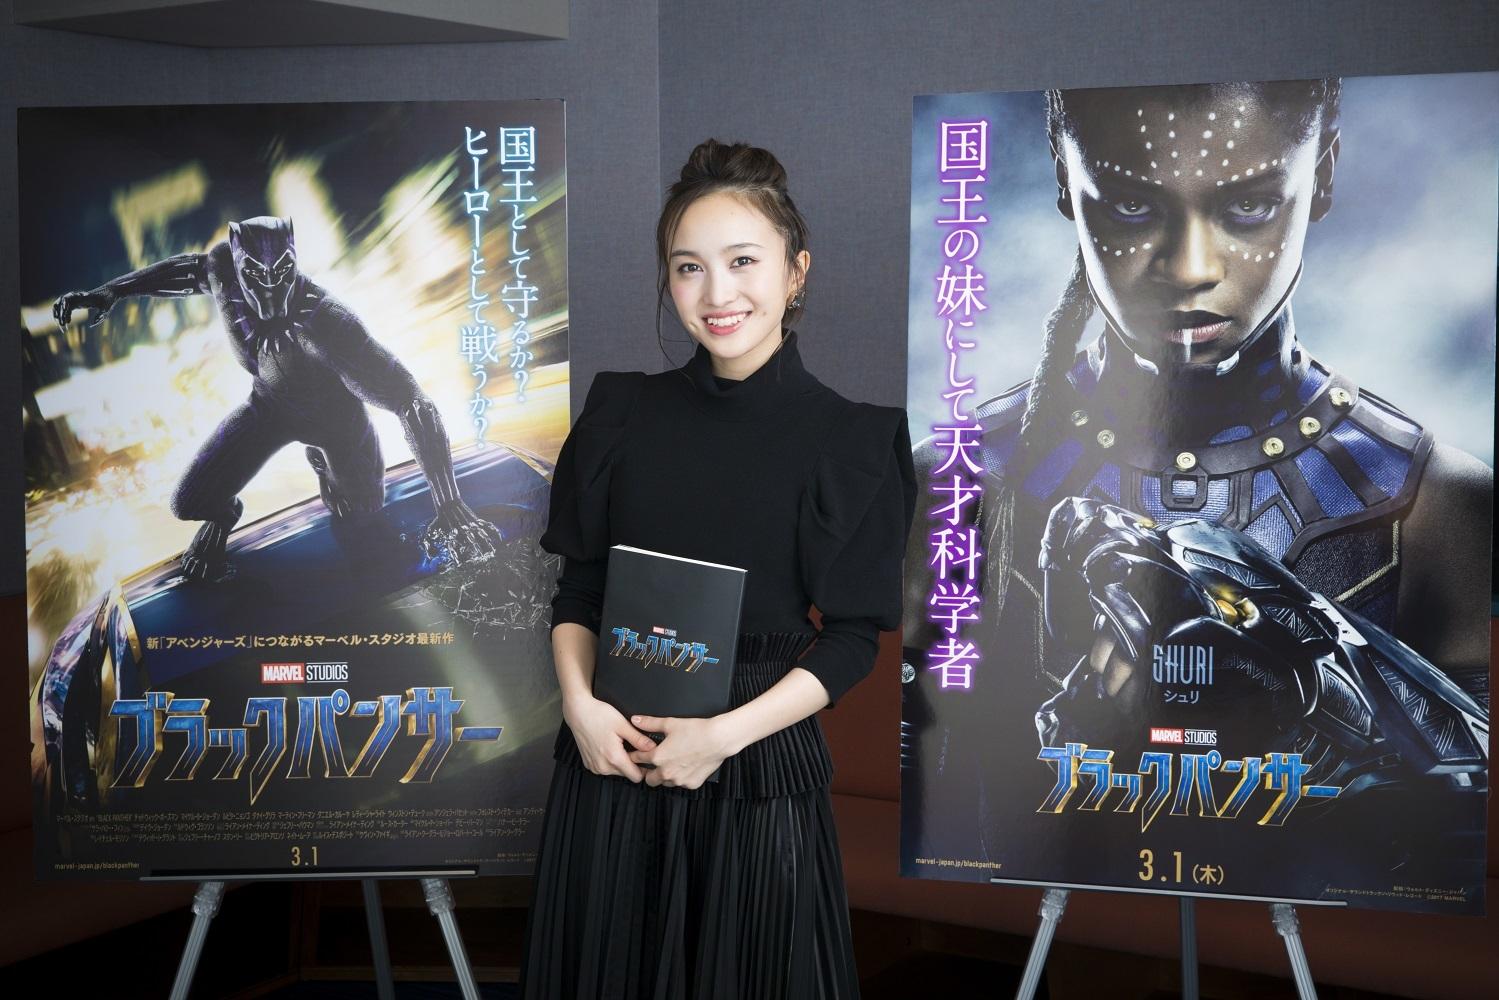 ももいろクローバーZ 百田夏菜子 (C)Marvel Studios 2017